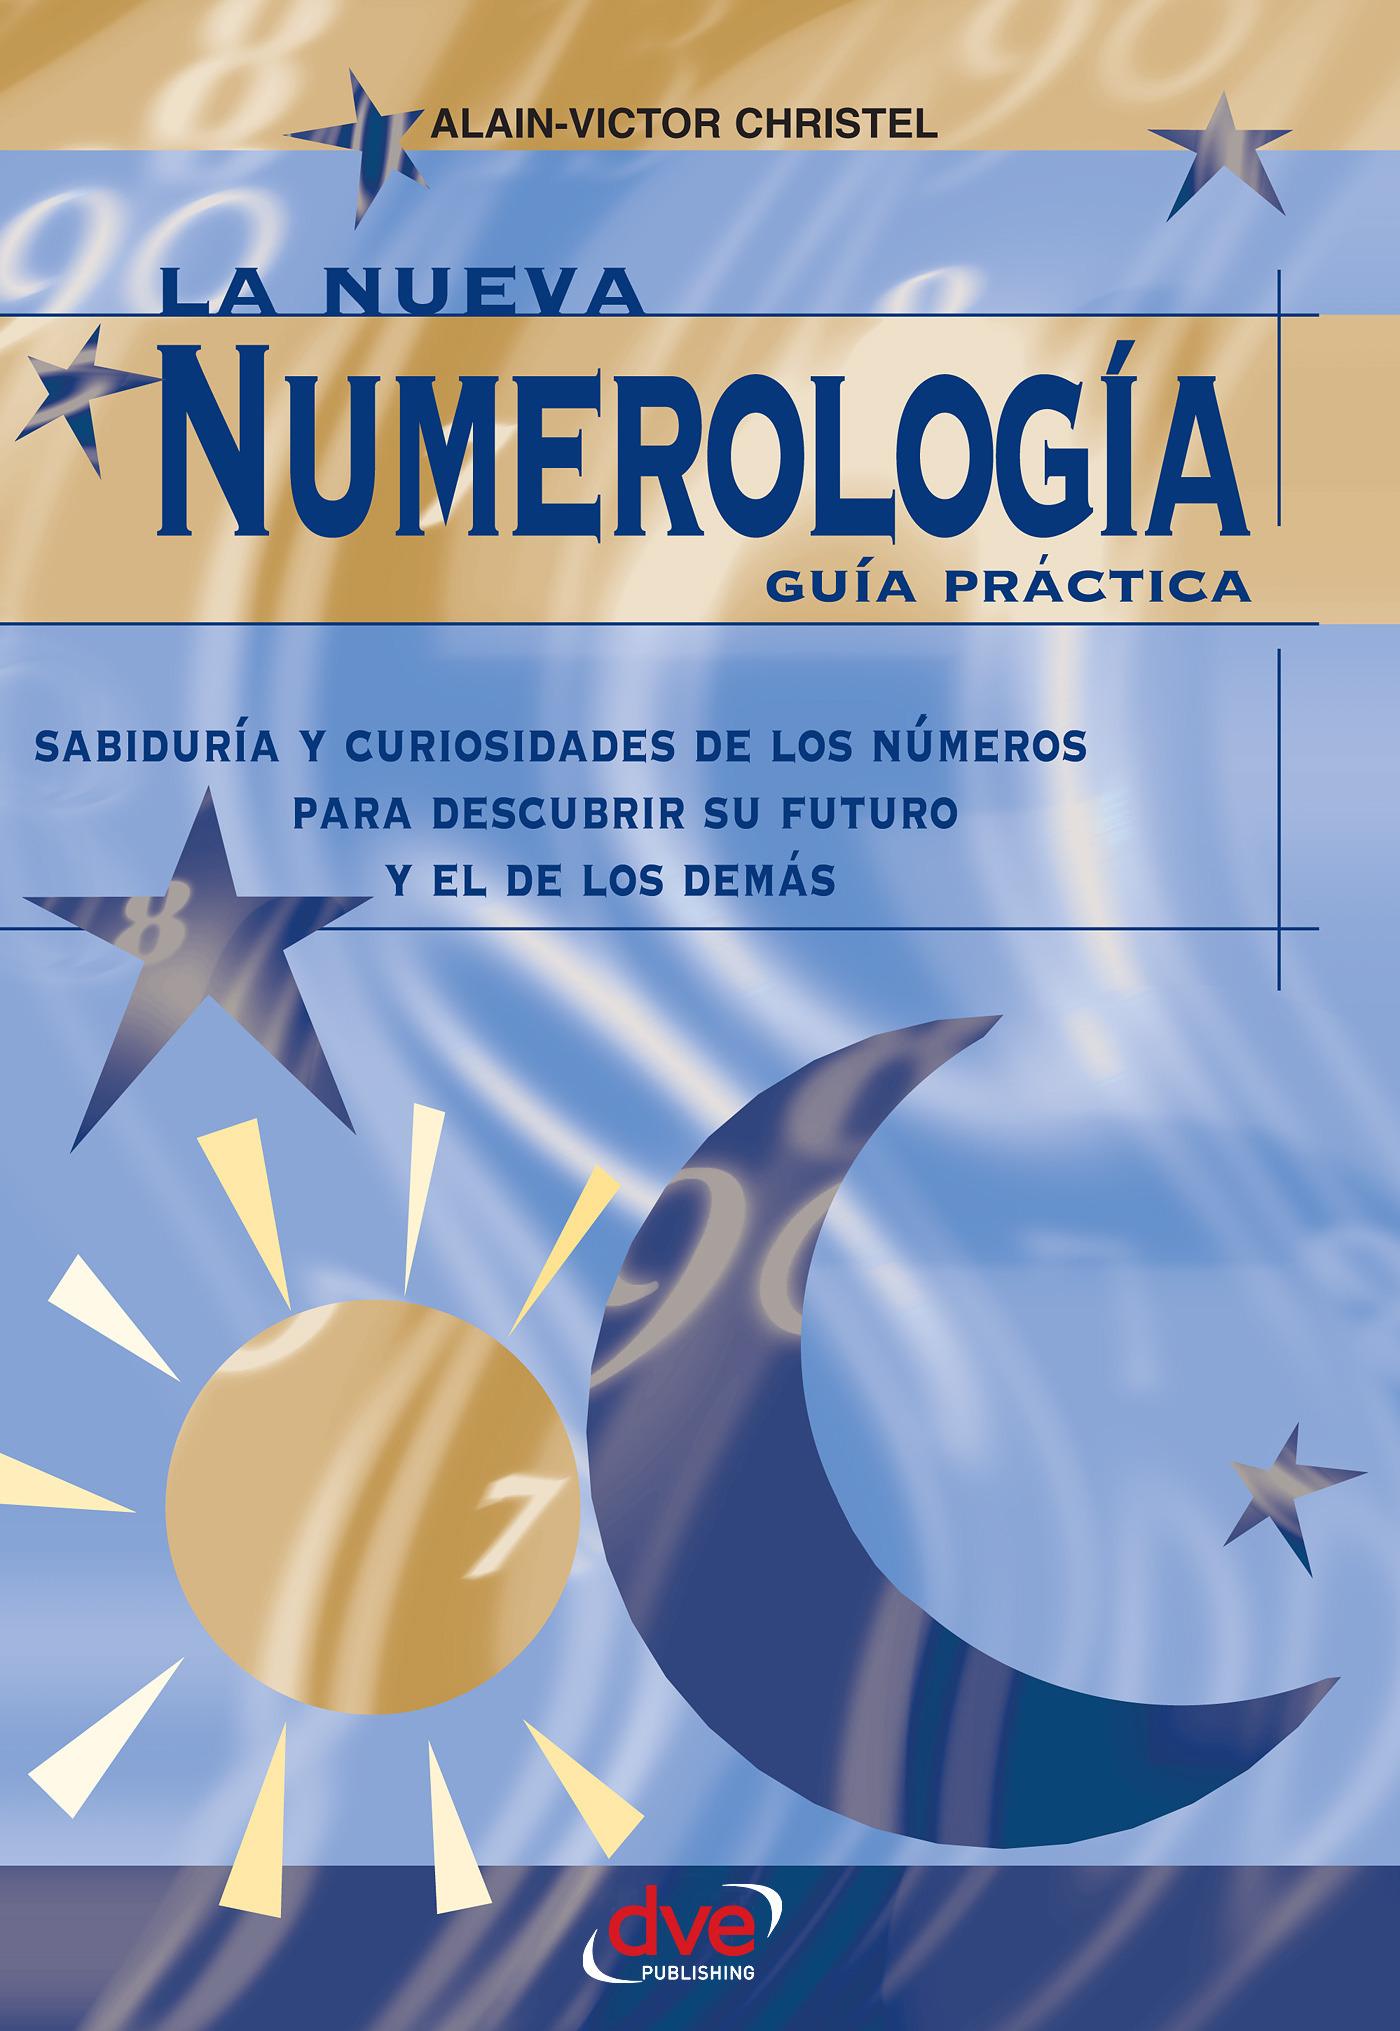 Christel, Alain-Victor - La nueva numerología: Guía Práctica. Sabiduría y curiosidades de los números para descubrir su futuro y el de los demas, ebook